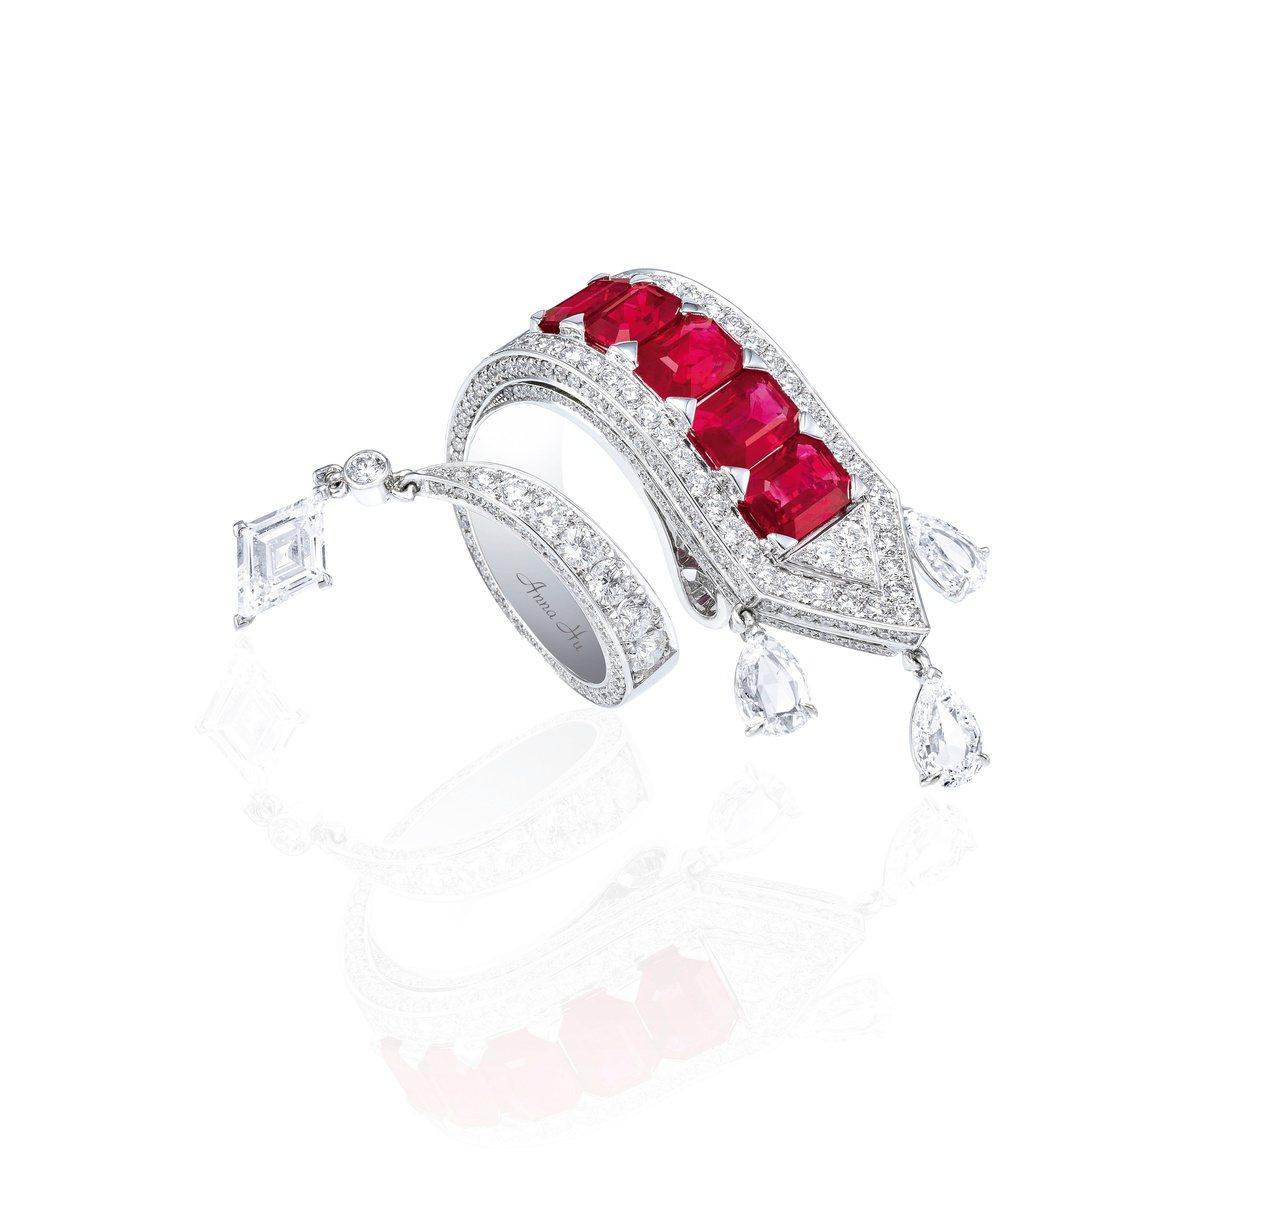 胡茵菲絲路音樂系列熱情Appassionata戒指,紅寶石配鑽石,估價約260萬...